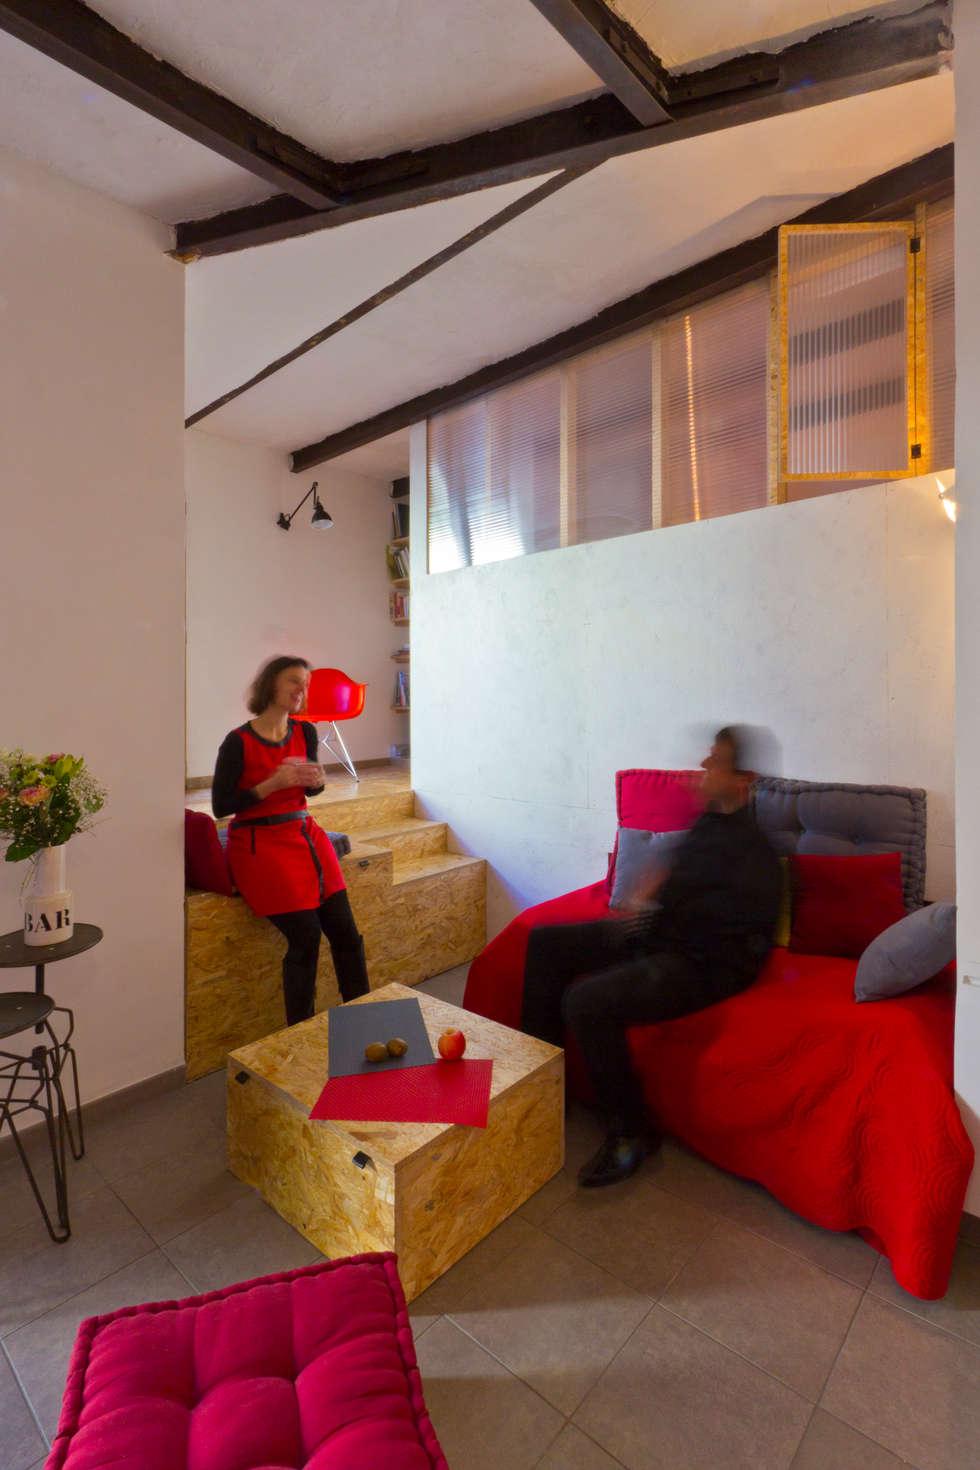 Le coin salon: Salon de style de style Industriel par Atelier RnB